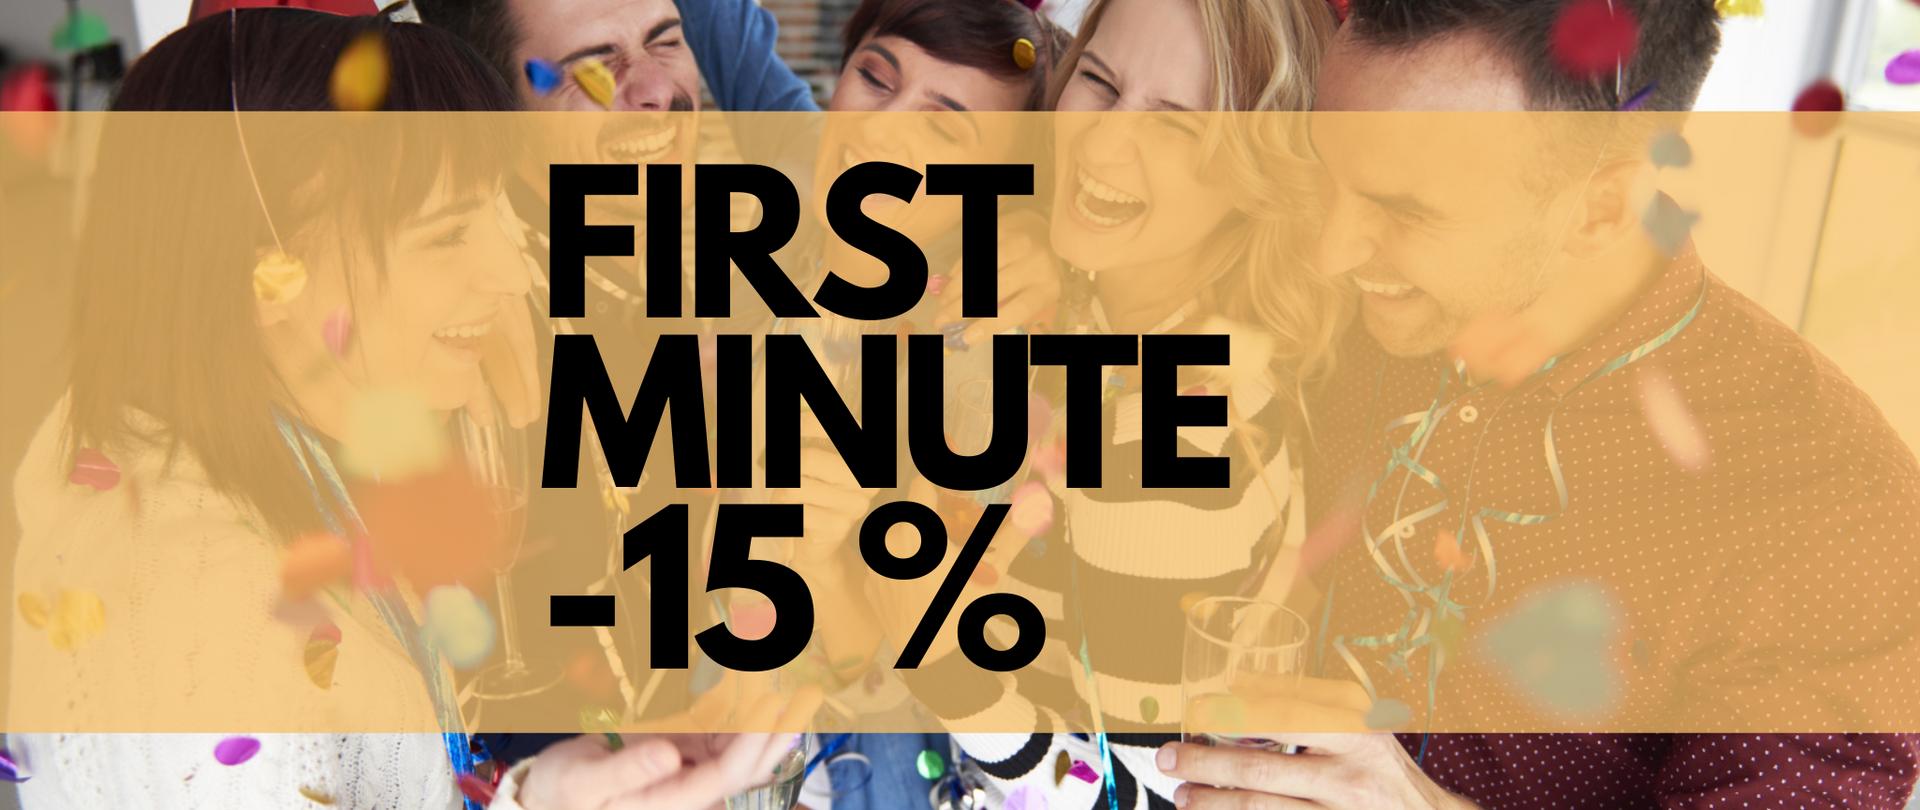 Wyjątkowe powitanie Nowego Roku! FIRST MINUTE -15%